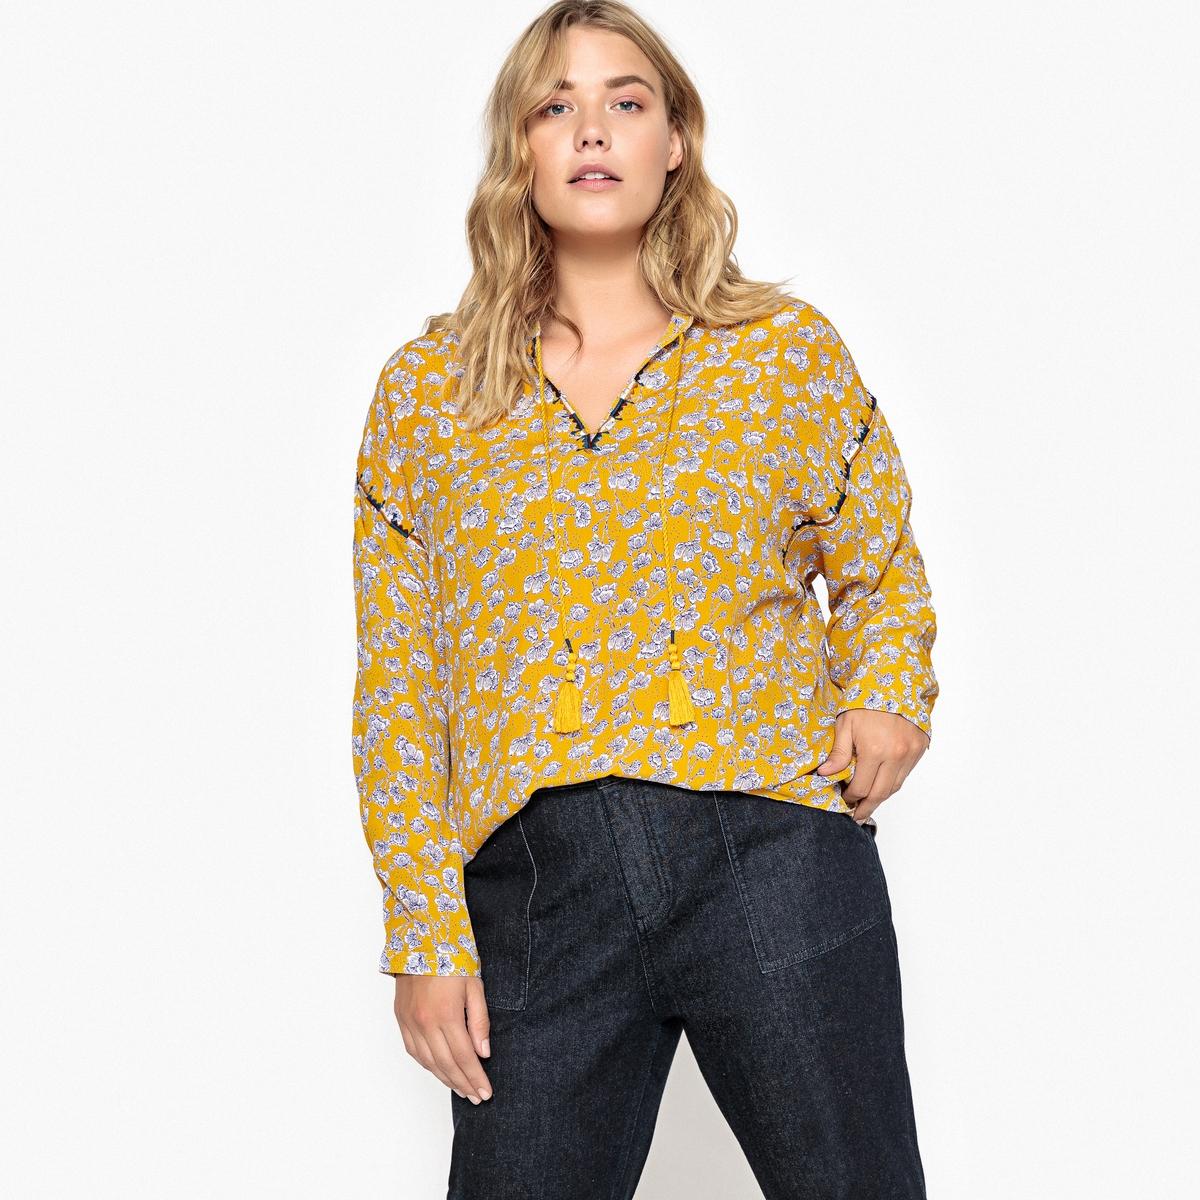 Блузка с круглым вырезом с разрезом спереди, длинными рукавами и цветочным принтом